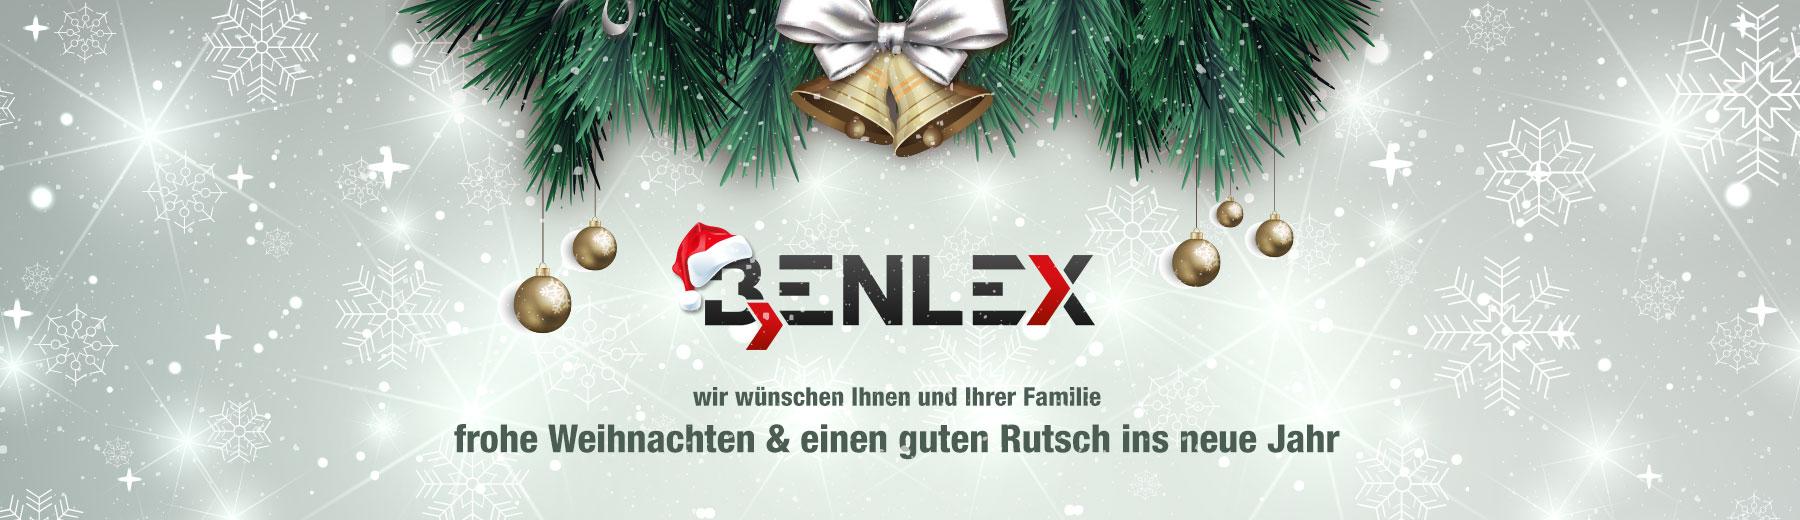 Frohe Weihnachten & einen guten Rutsch in das neue Jahr | Benlex ...